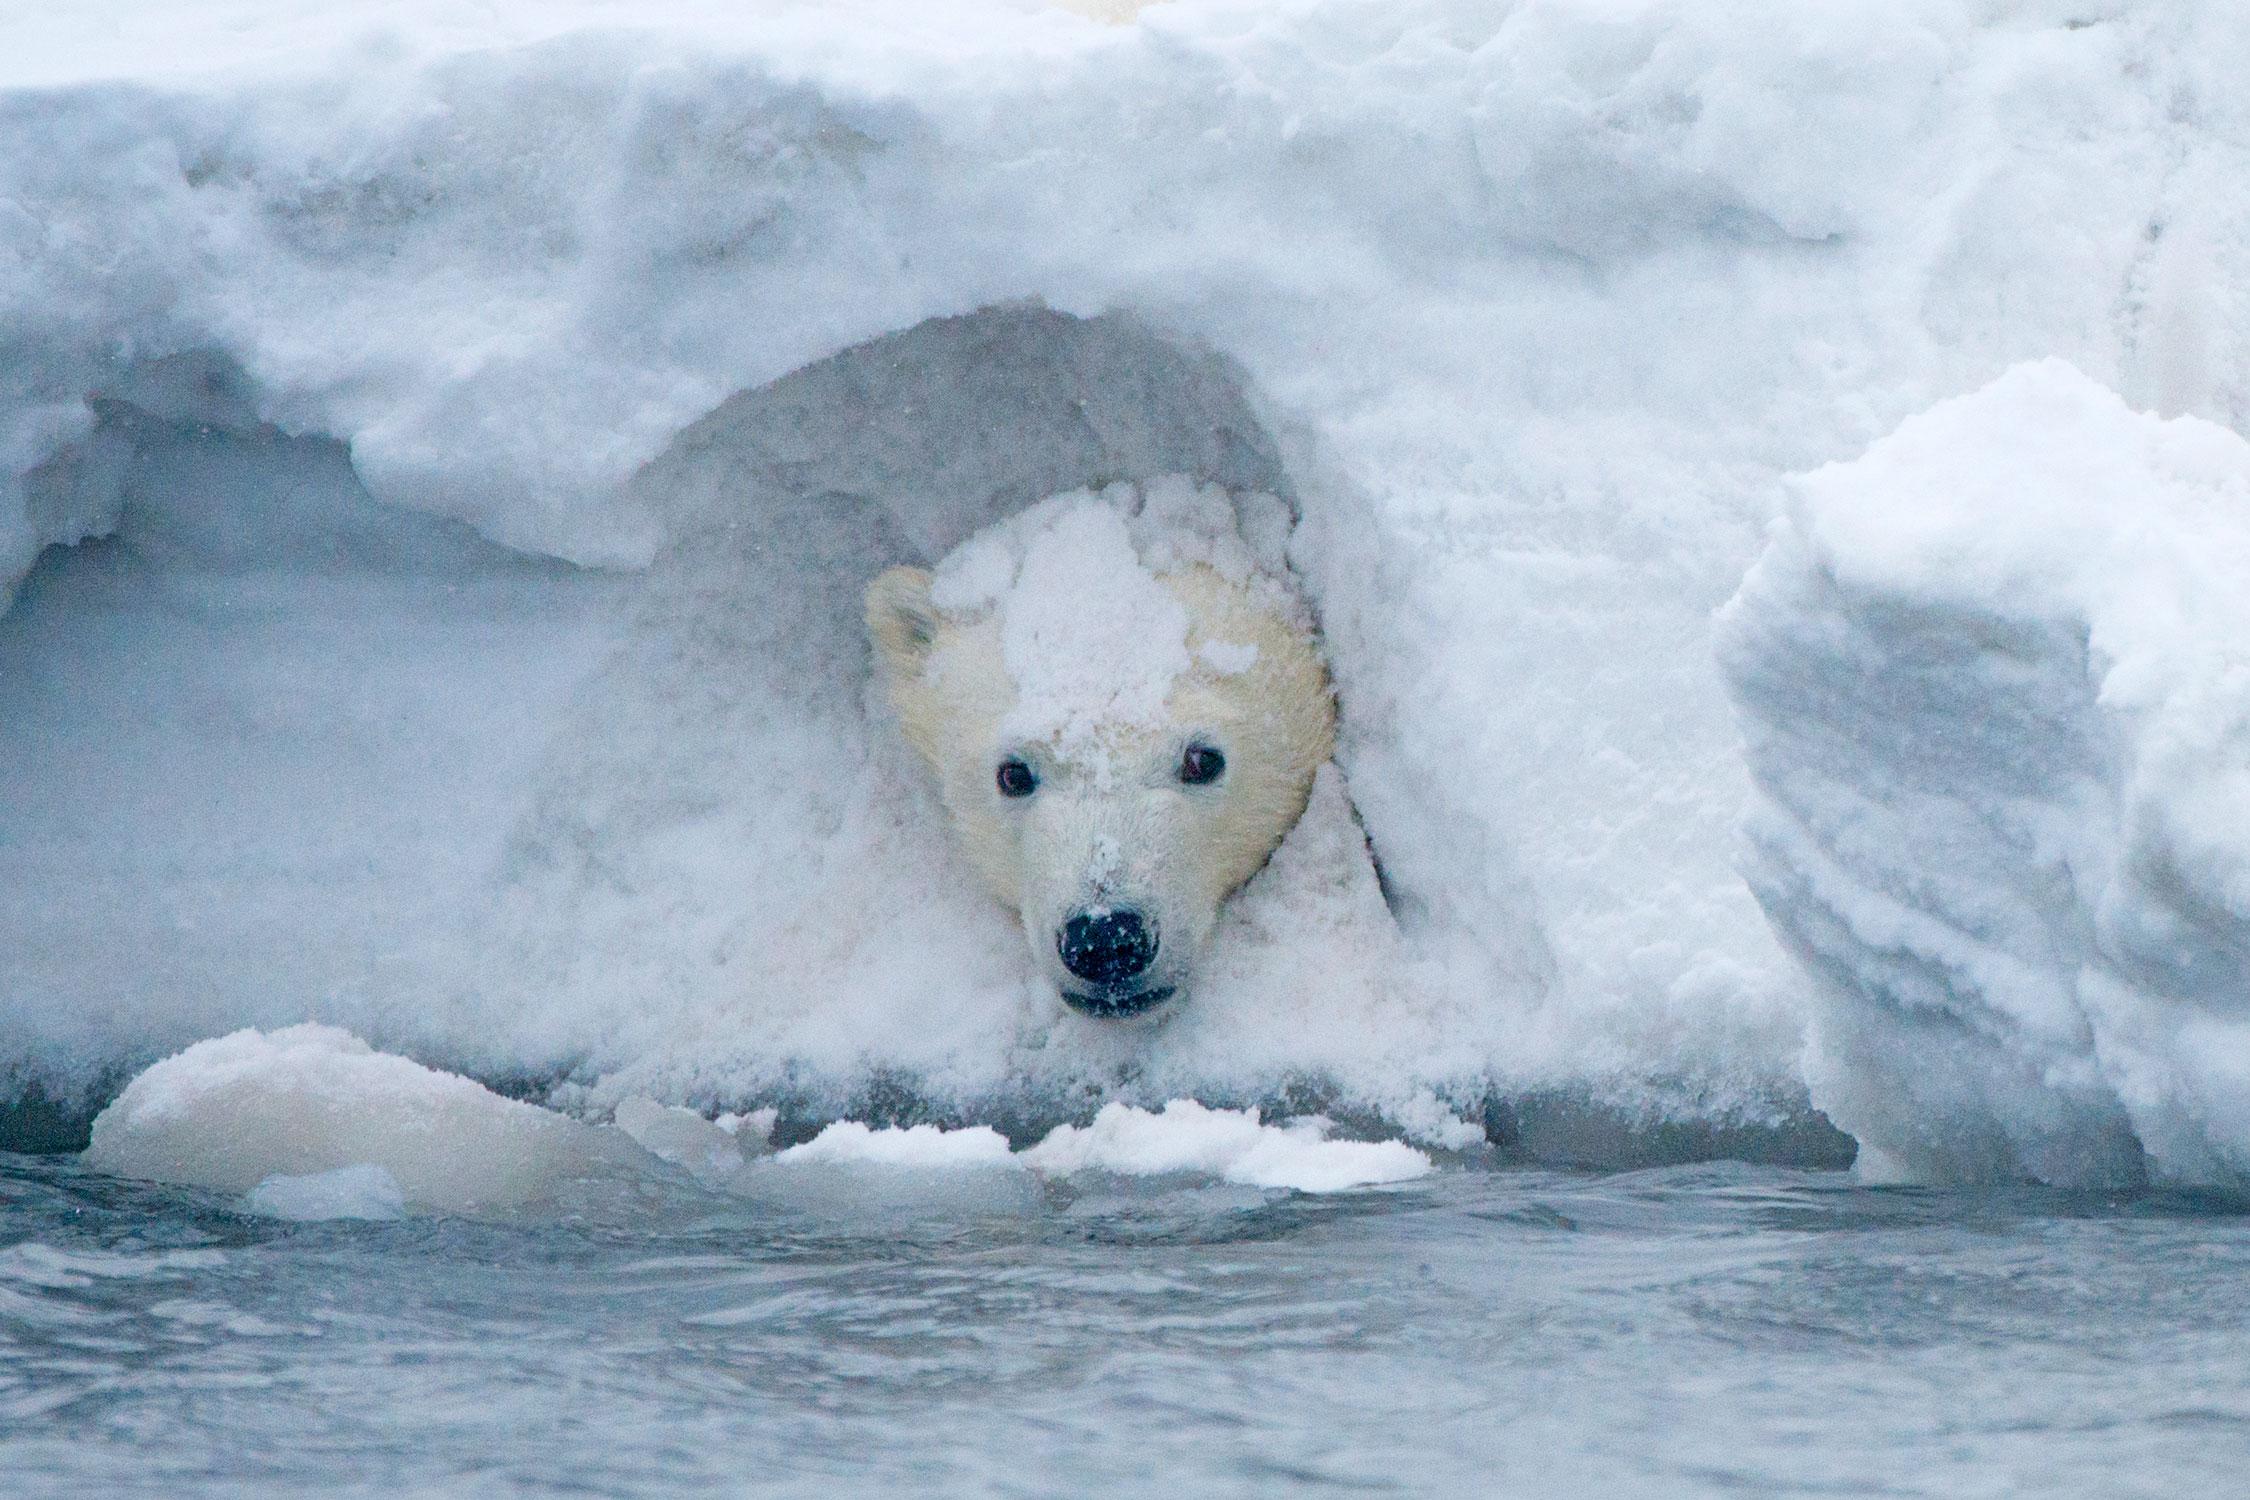 Национальный заповедник дикой природы Арктики вСеверном склоне, Аляска. Наснимке — детеныш белого медведя. Хищные звери, которые считали Полярный круг своим домом, рискуют лишиться своей среды обитания из-за глобального потепления